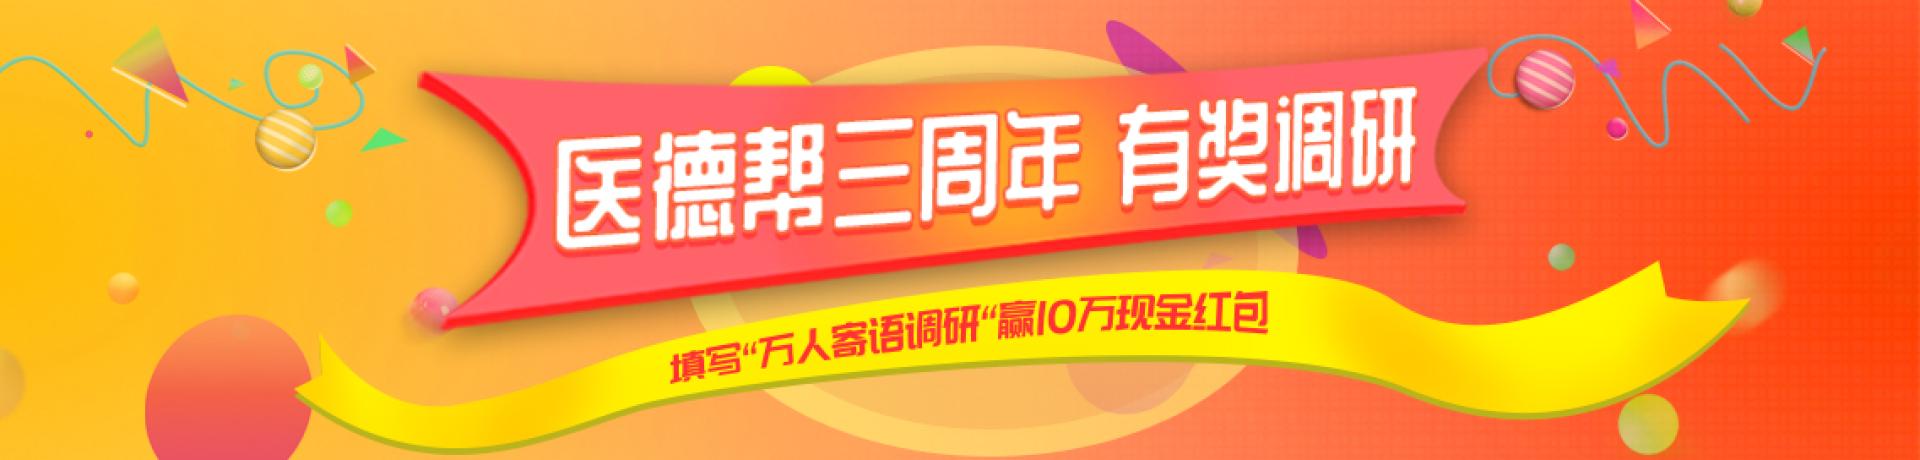 万人寄语 活动首页banner图